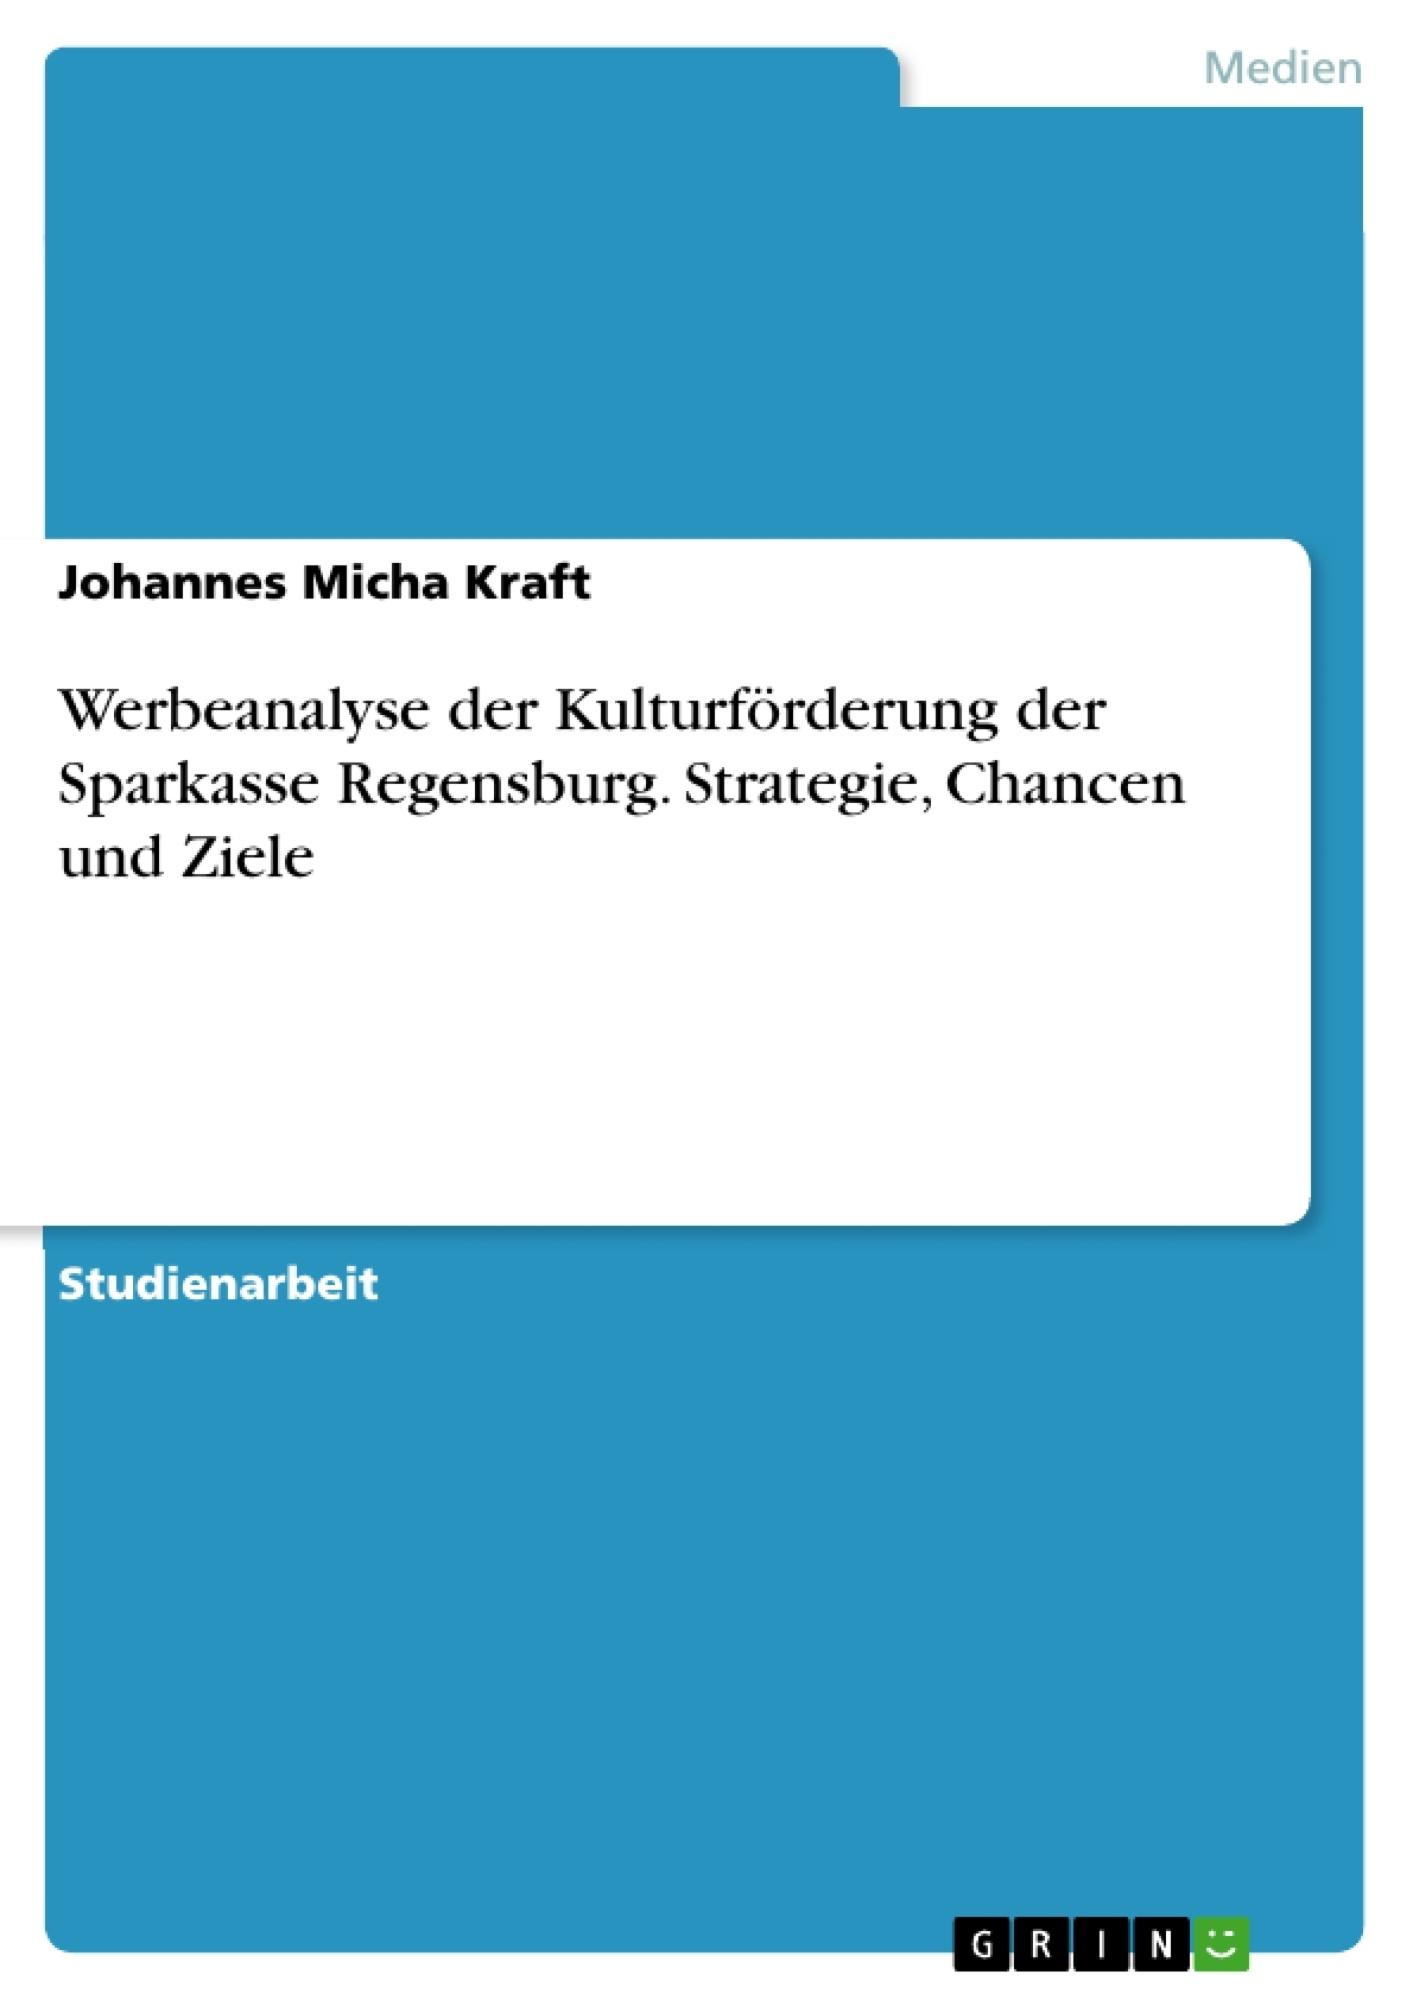 Titel: Werbeanalyse der Kulturförderung der Sparkasse Regensburg. Strategie, Chancen und Ziele